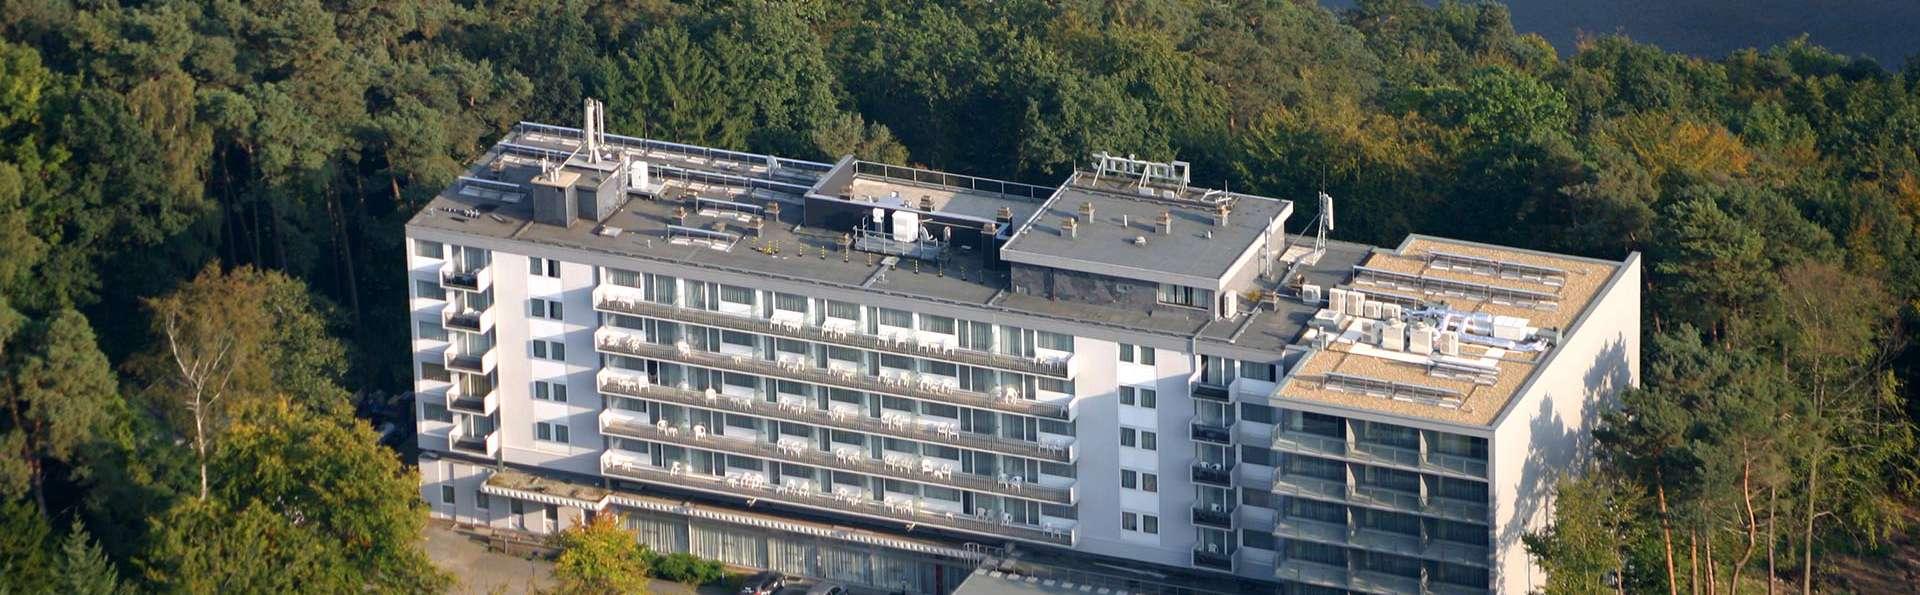 Silva Hotel Spa-Balmoral - EDIT_NEW_front.jpg